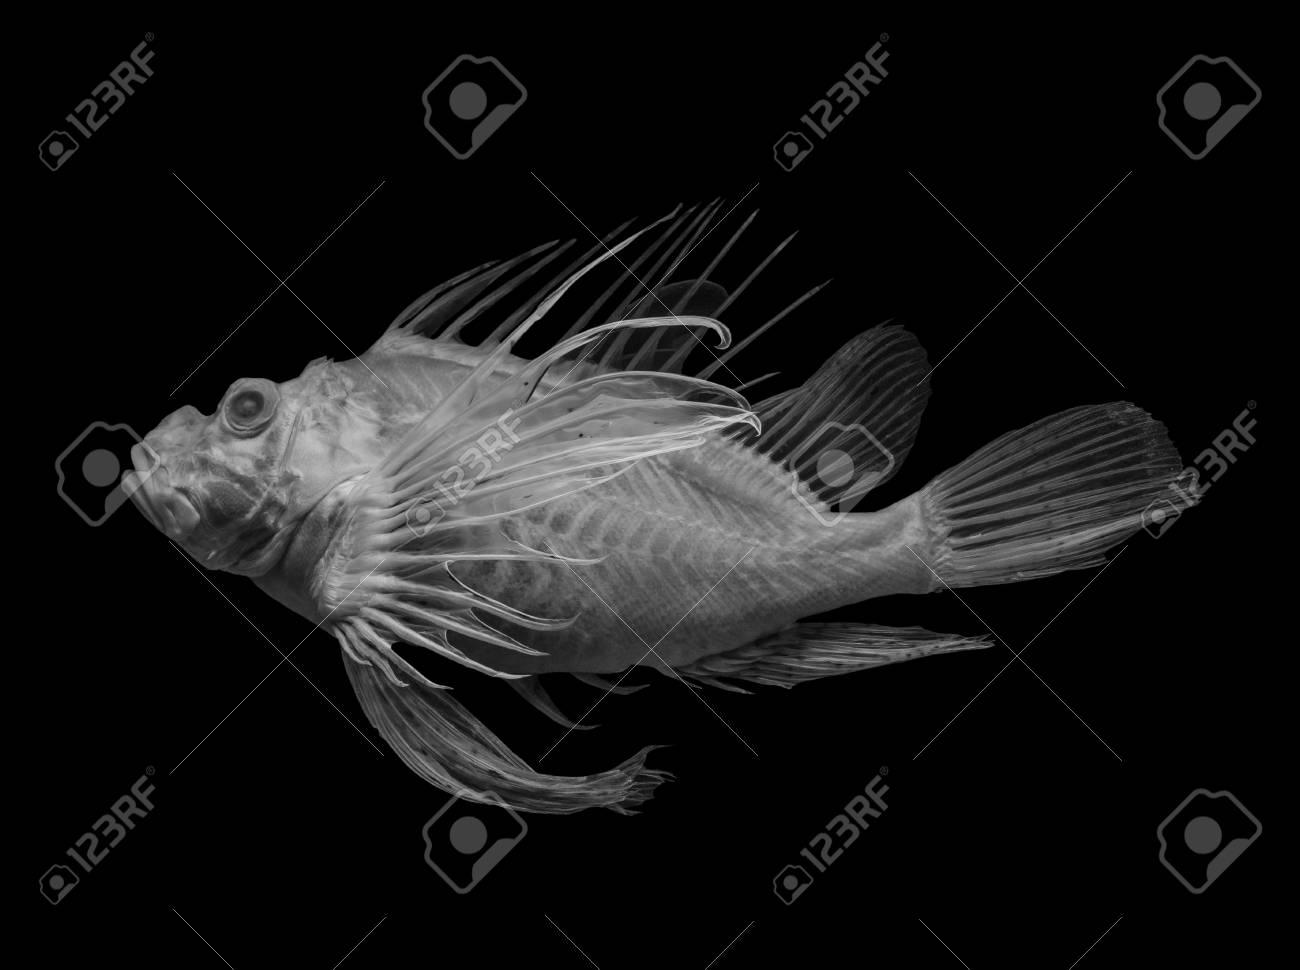 lionfish on black background, isolated . - 117911505